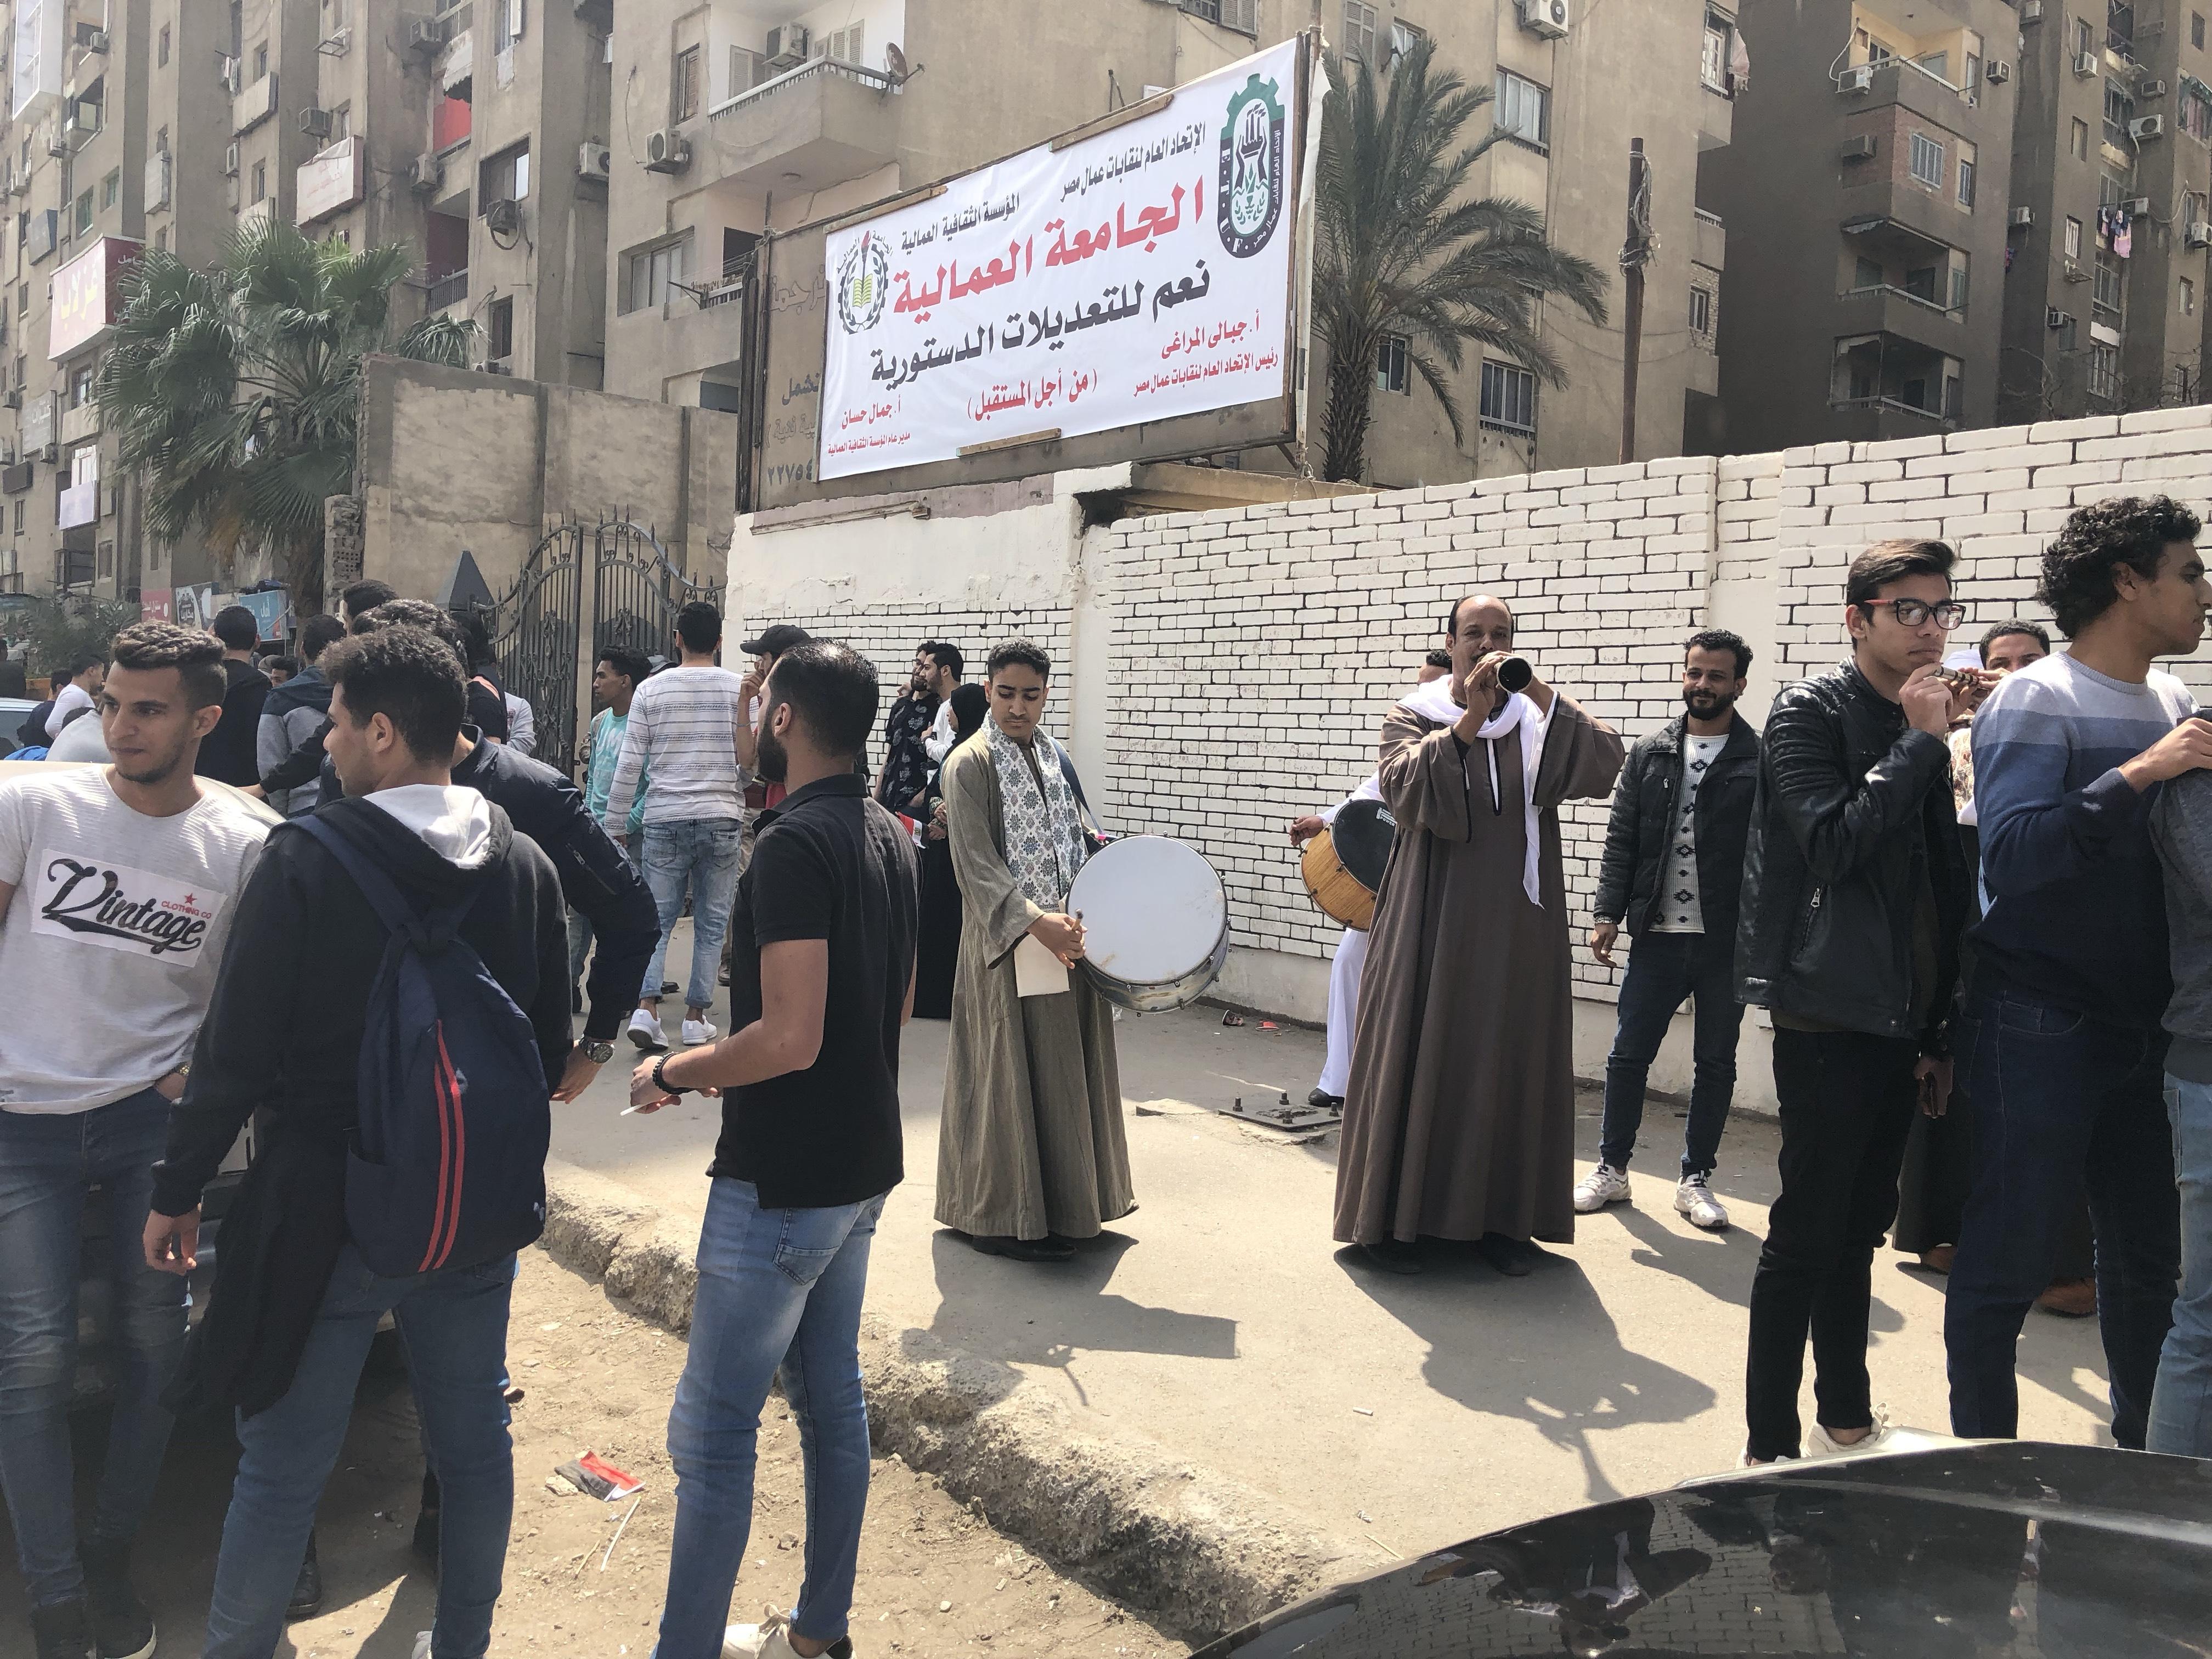 ناخبون يستعينون بالمزمار البلدى للحث على المشاركة فى التعديلات بمدينة نصر  (2)